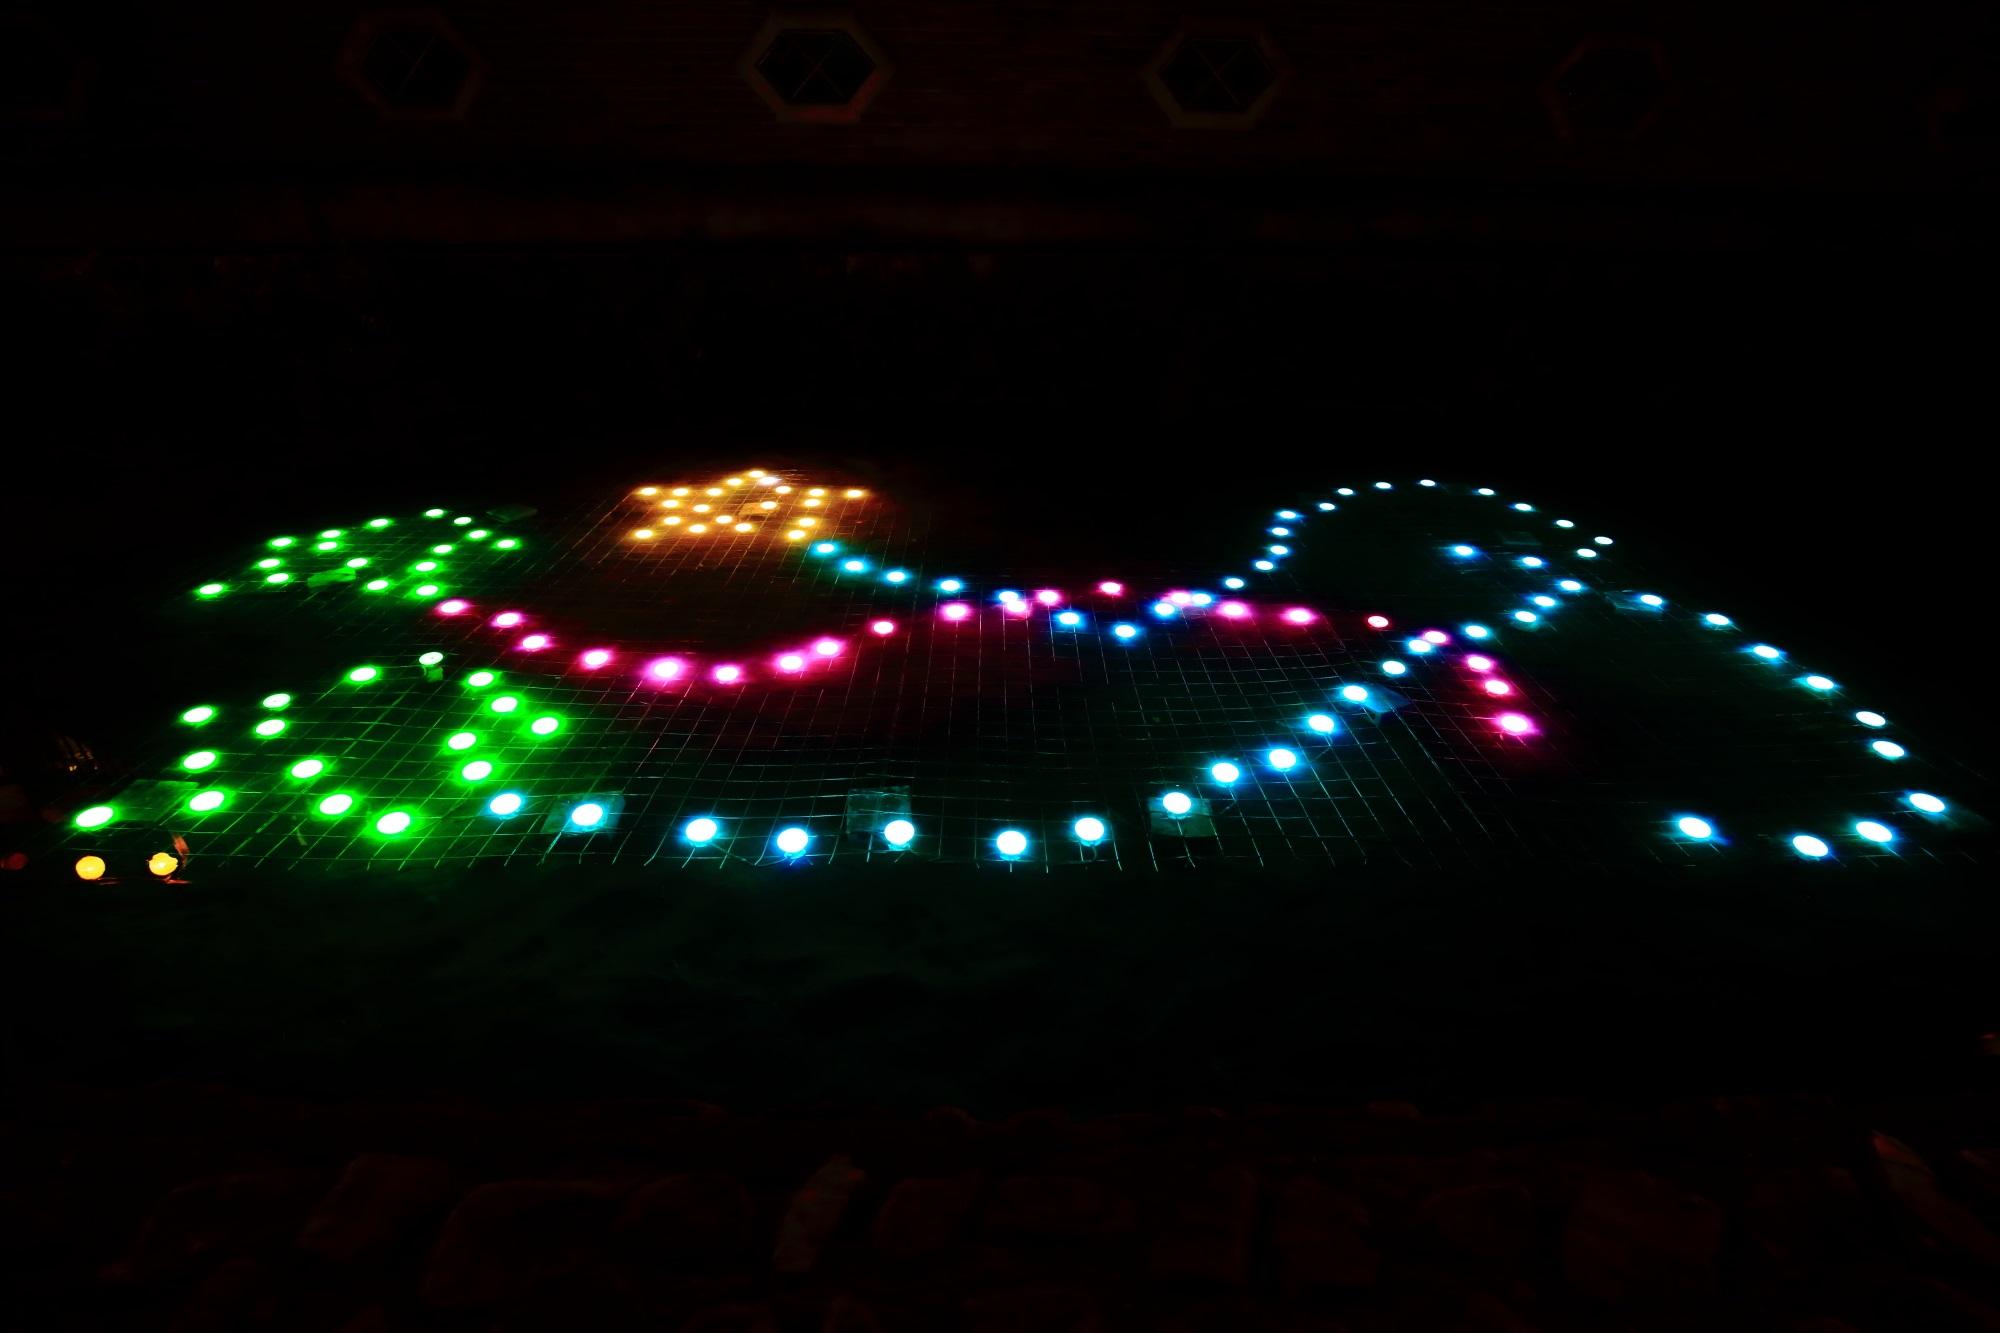 京の七夕鴨川会場の綺麗なみそそぎ川の光の演出